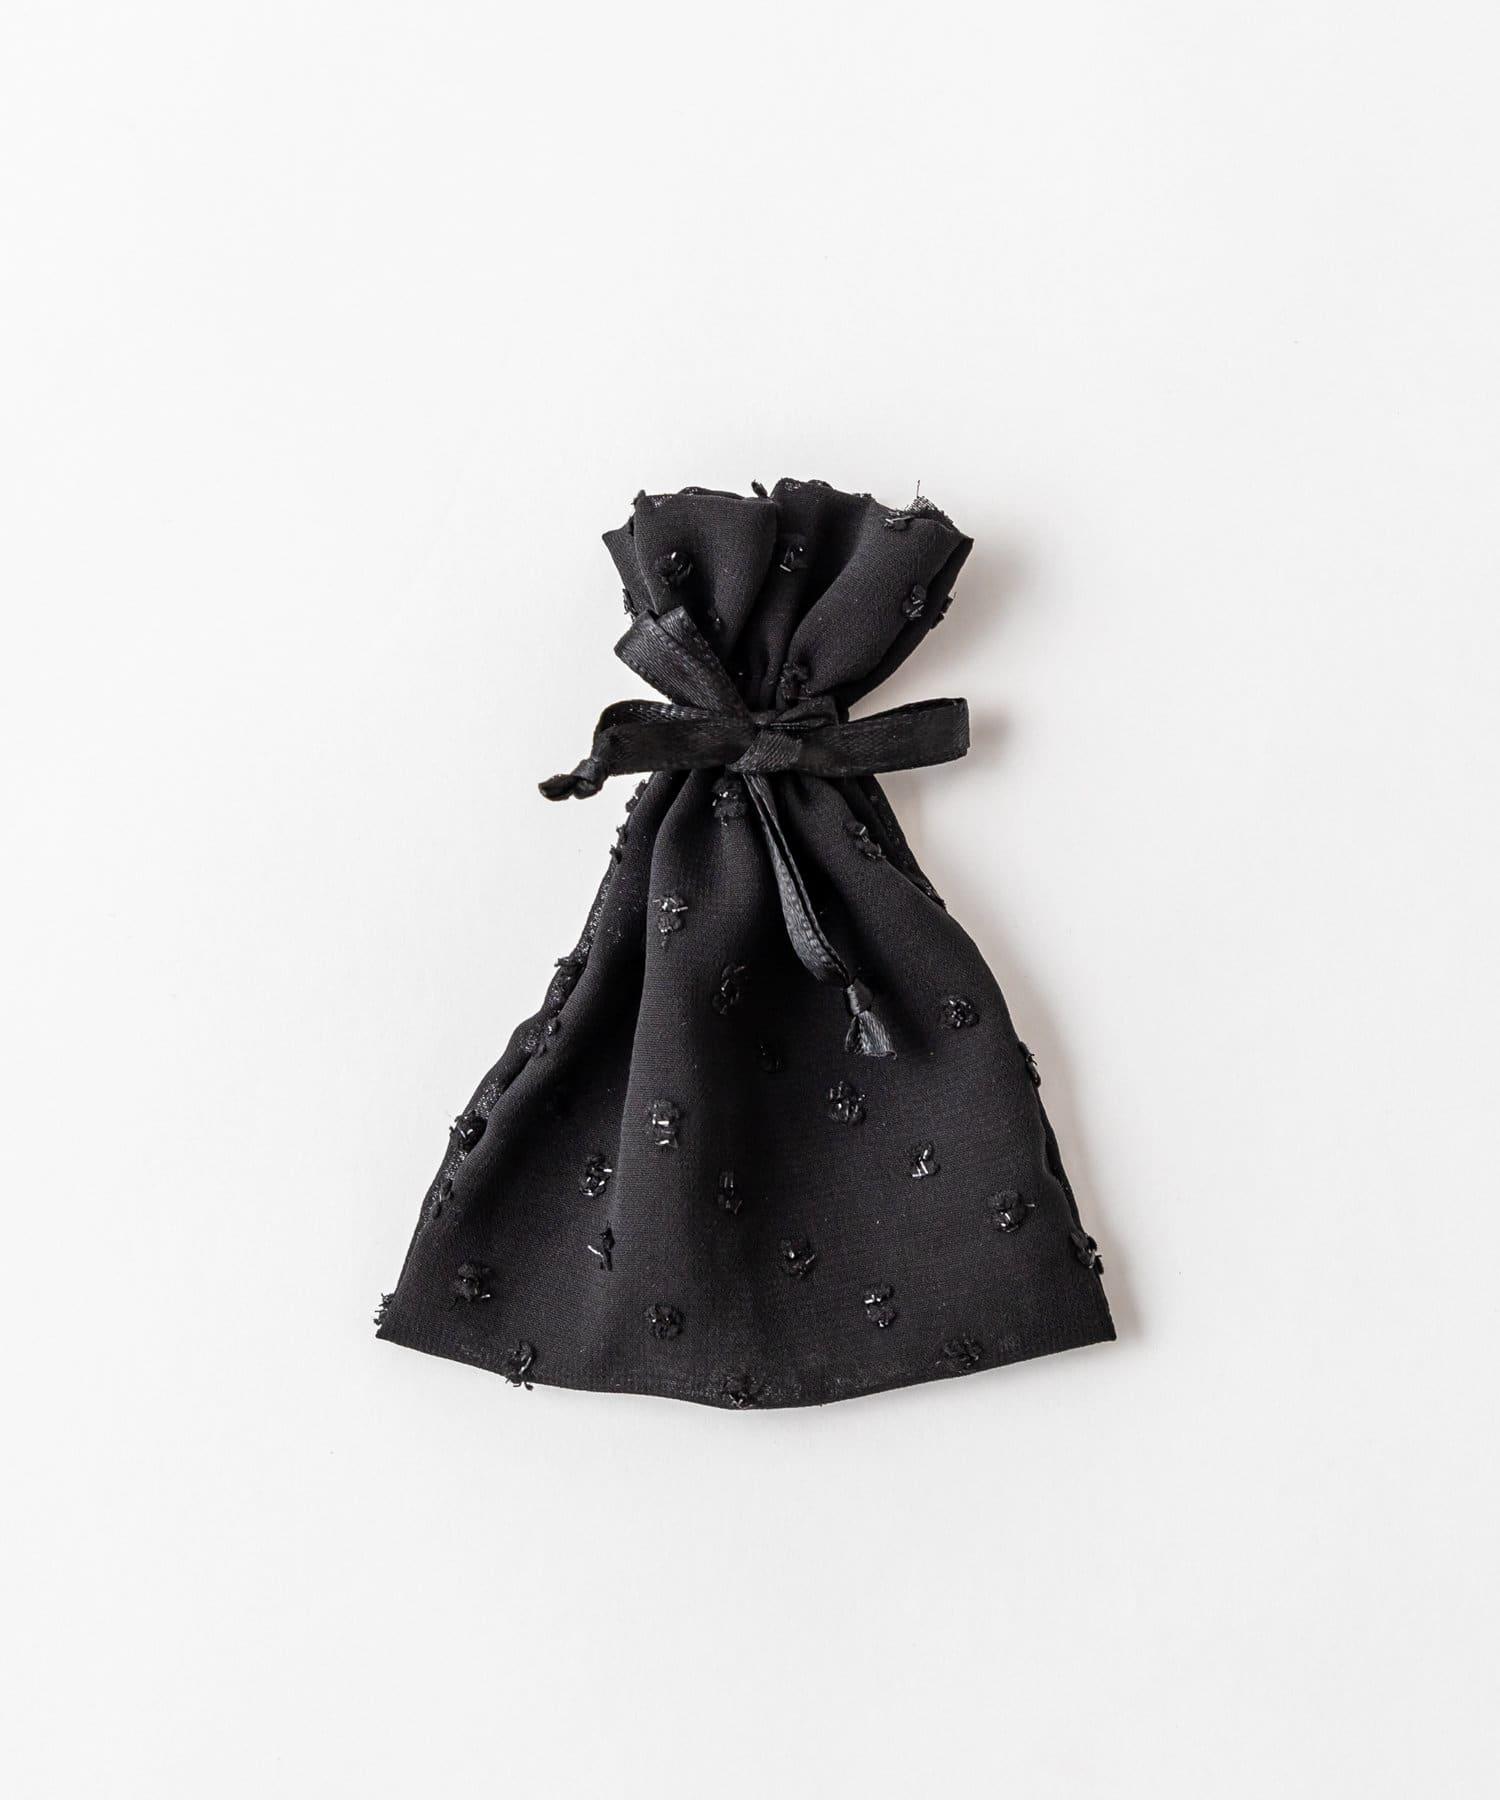 Lattice(ラティス) レディース ドットシフォン巾着ポーチS ブラック